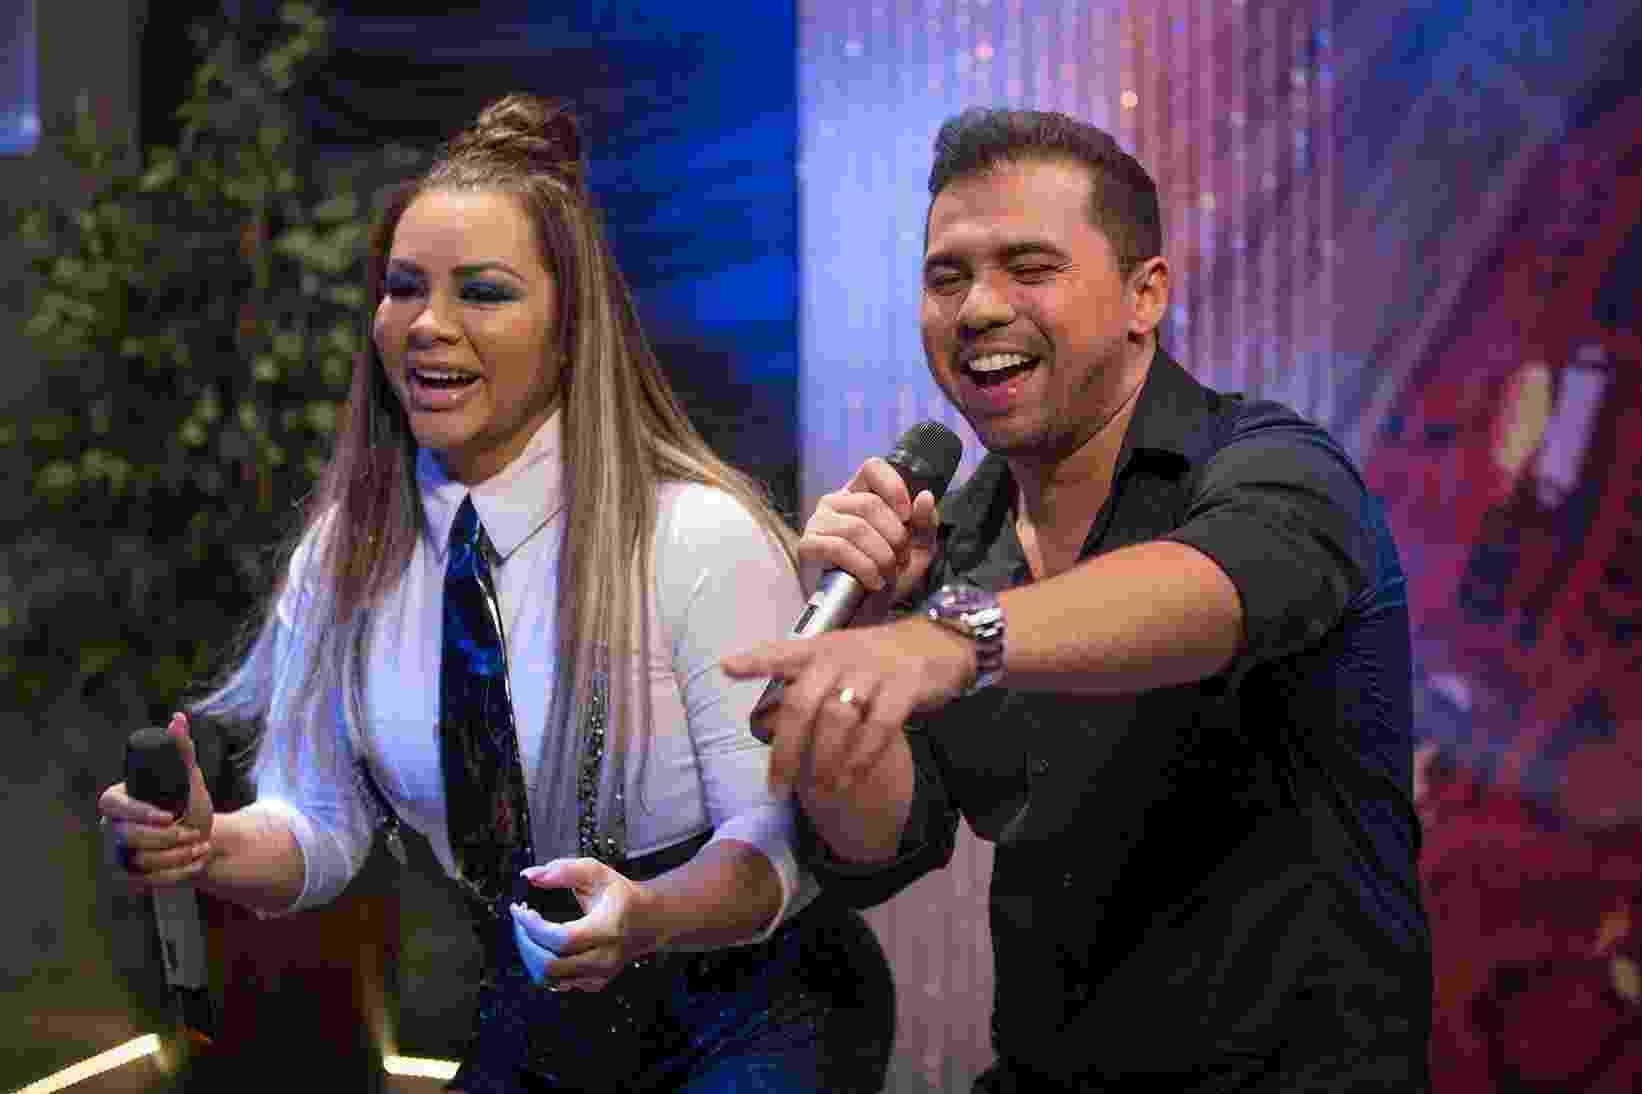 Márcia Fellipe grava novo álbum com participação de Xand Avião - Pedro A. M. de Araújo